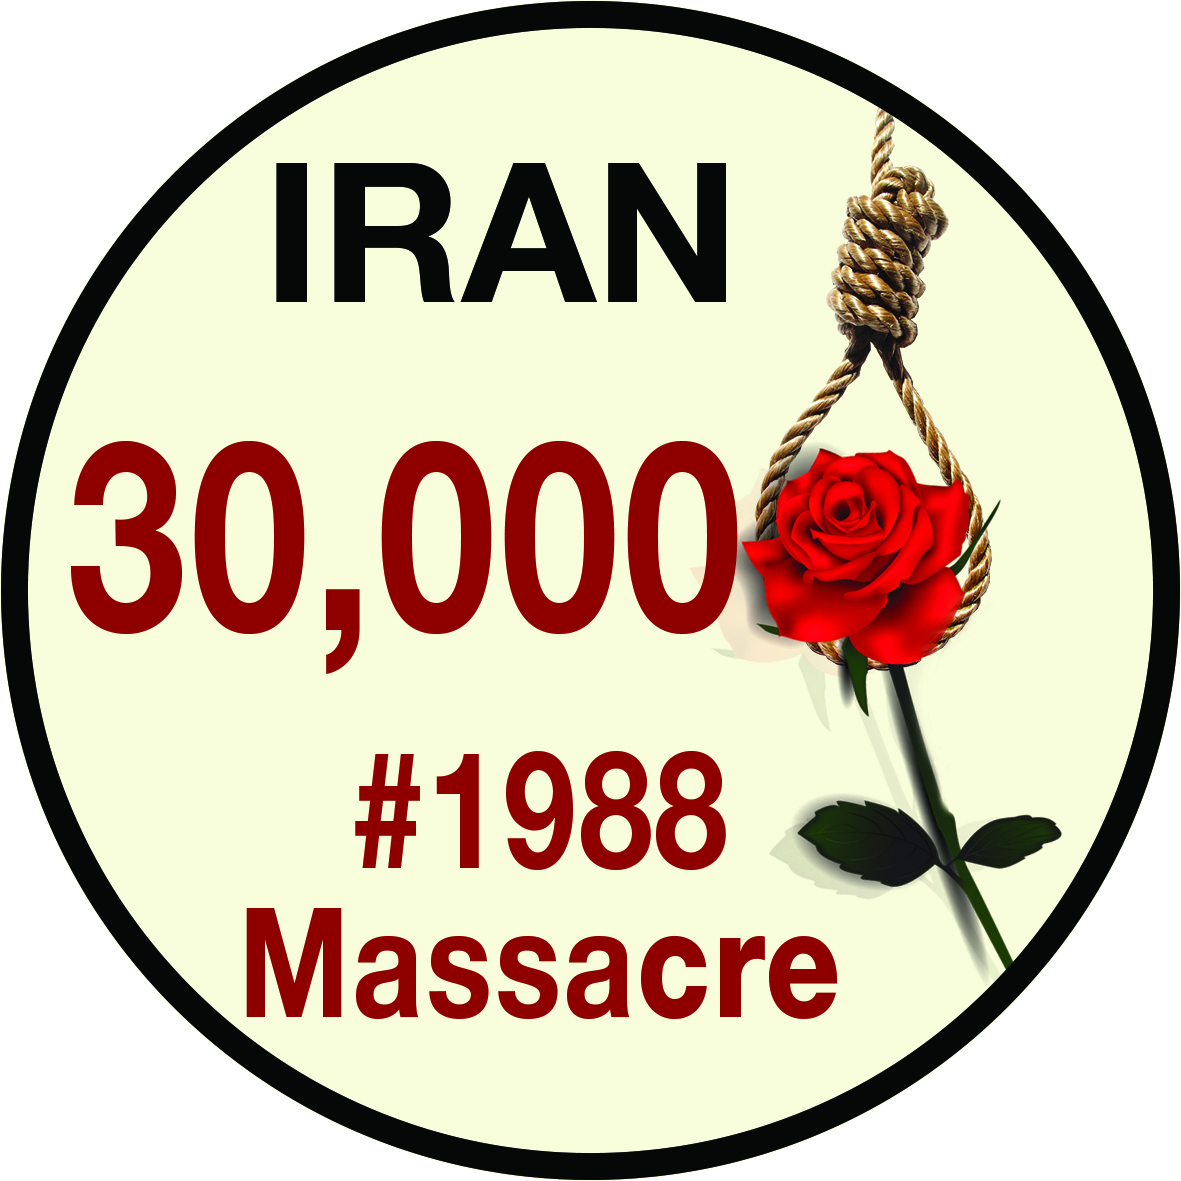 Veckorapport om brott mot de mänskliga rättigheterna i Iran  7 augusti 2016